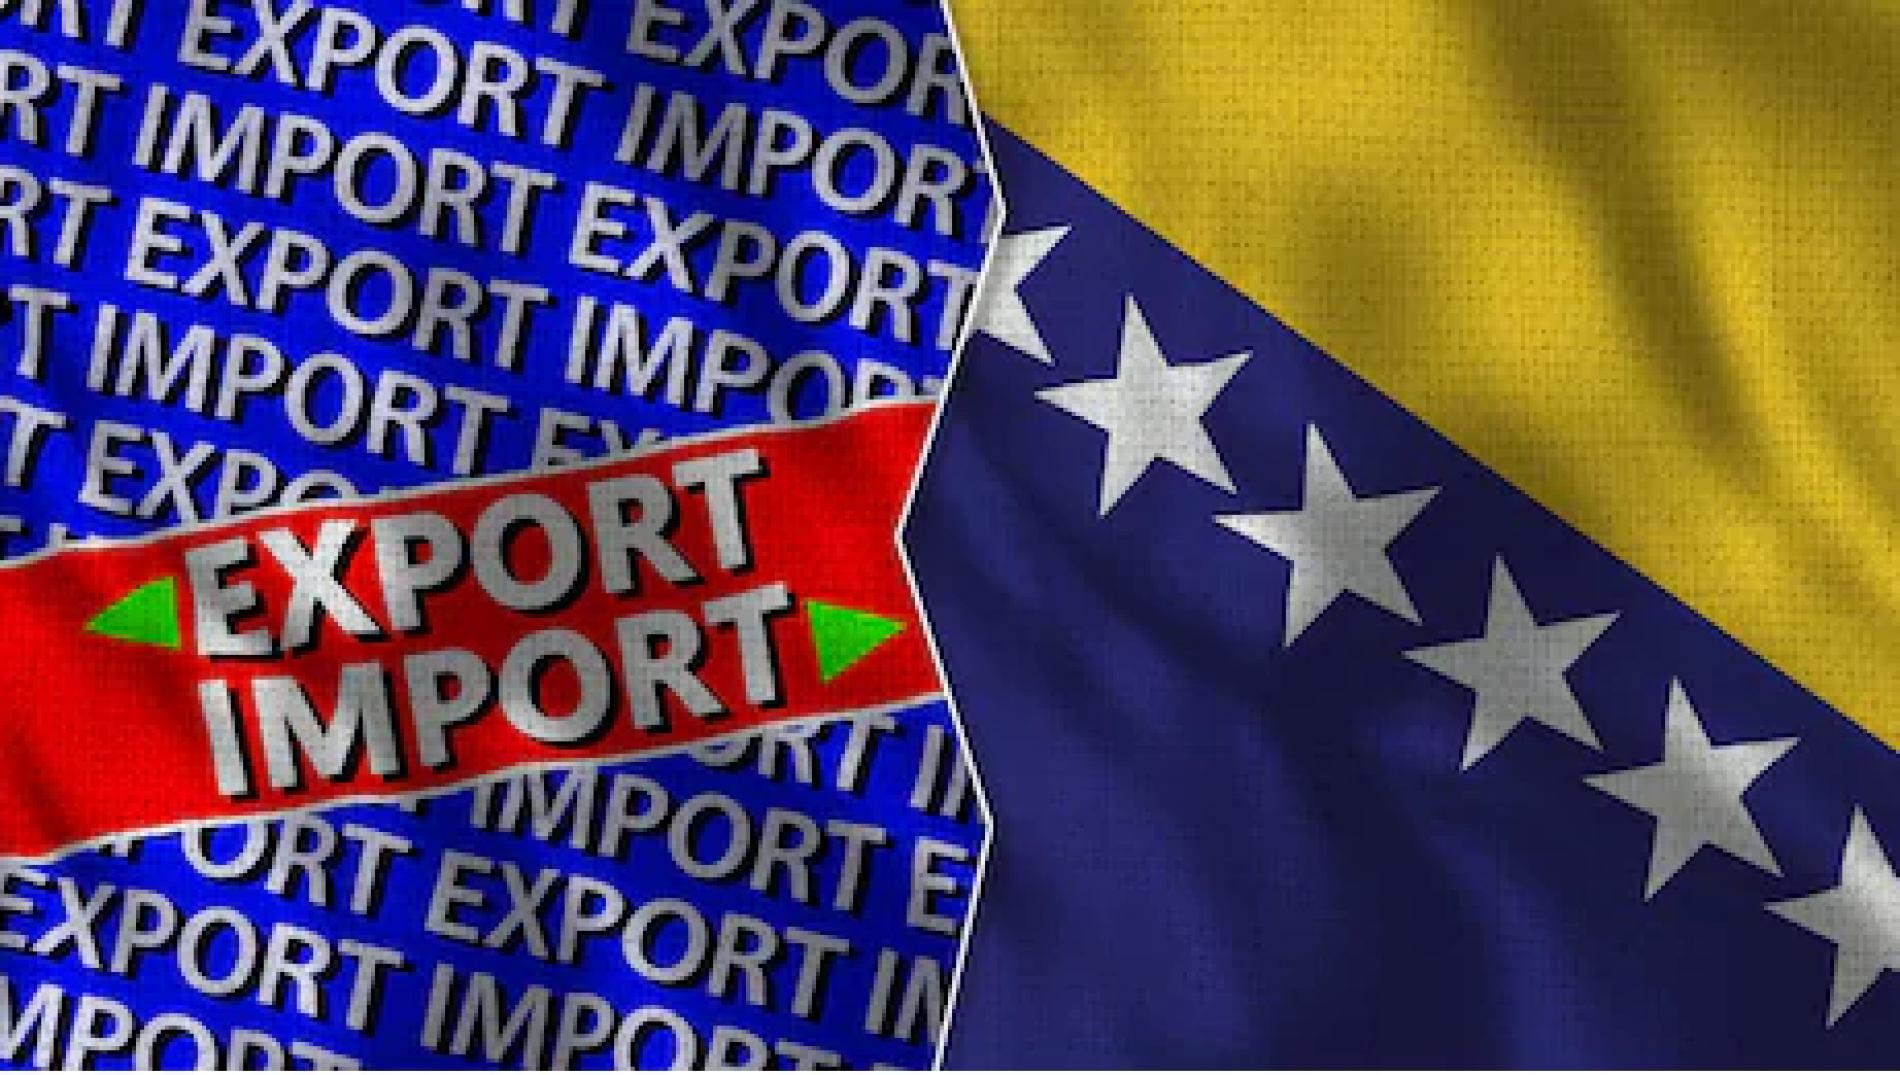 Uvoz i izvoz roba iz Bosne i Hercegovine obavlja se normalno